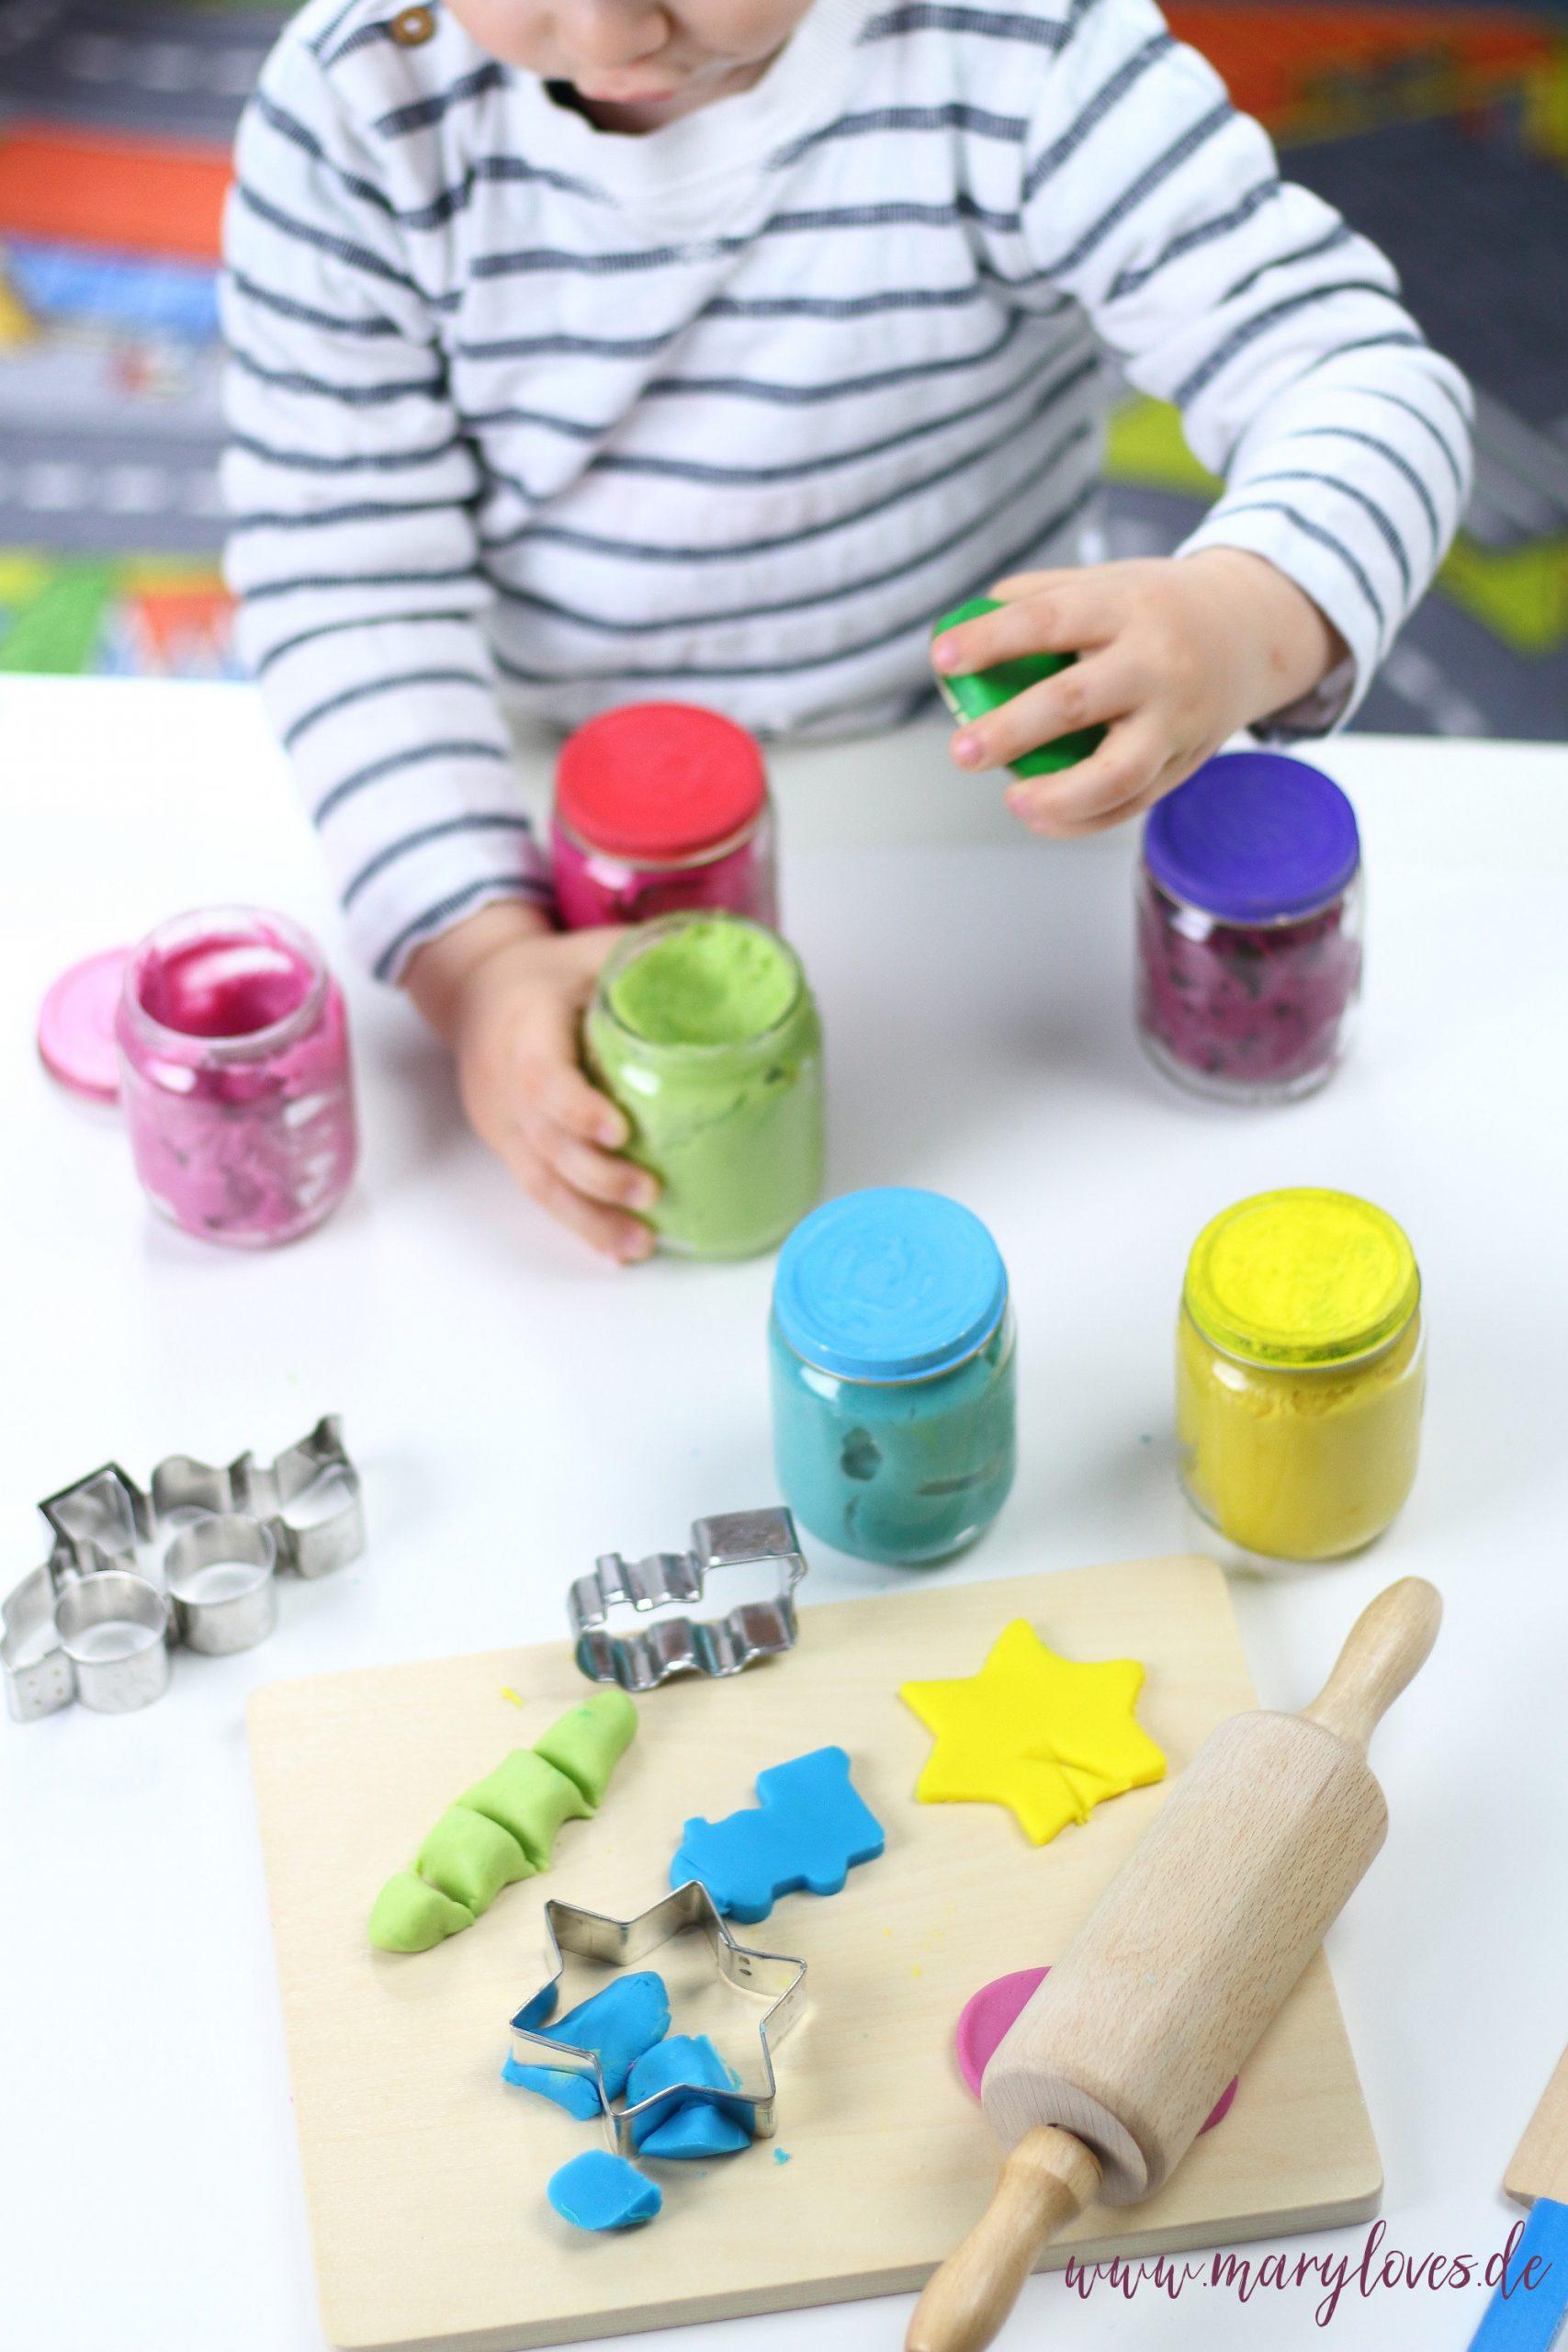 11 Spiel- & Beschäftigungsideen für Kleinkinder bei schlechten Wetter - Tipp 4: bunte Figuren kneten mit selbstgemachter Kinderknete